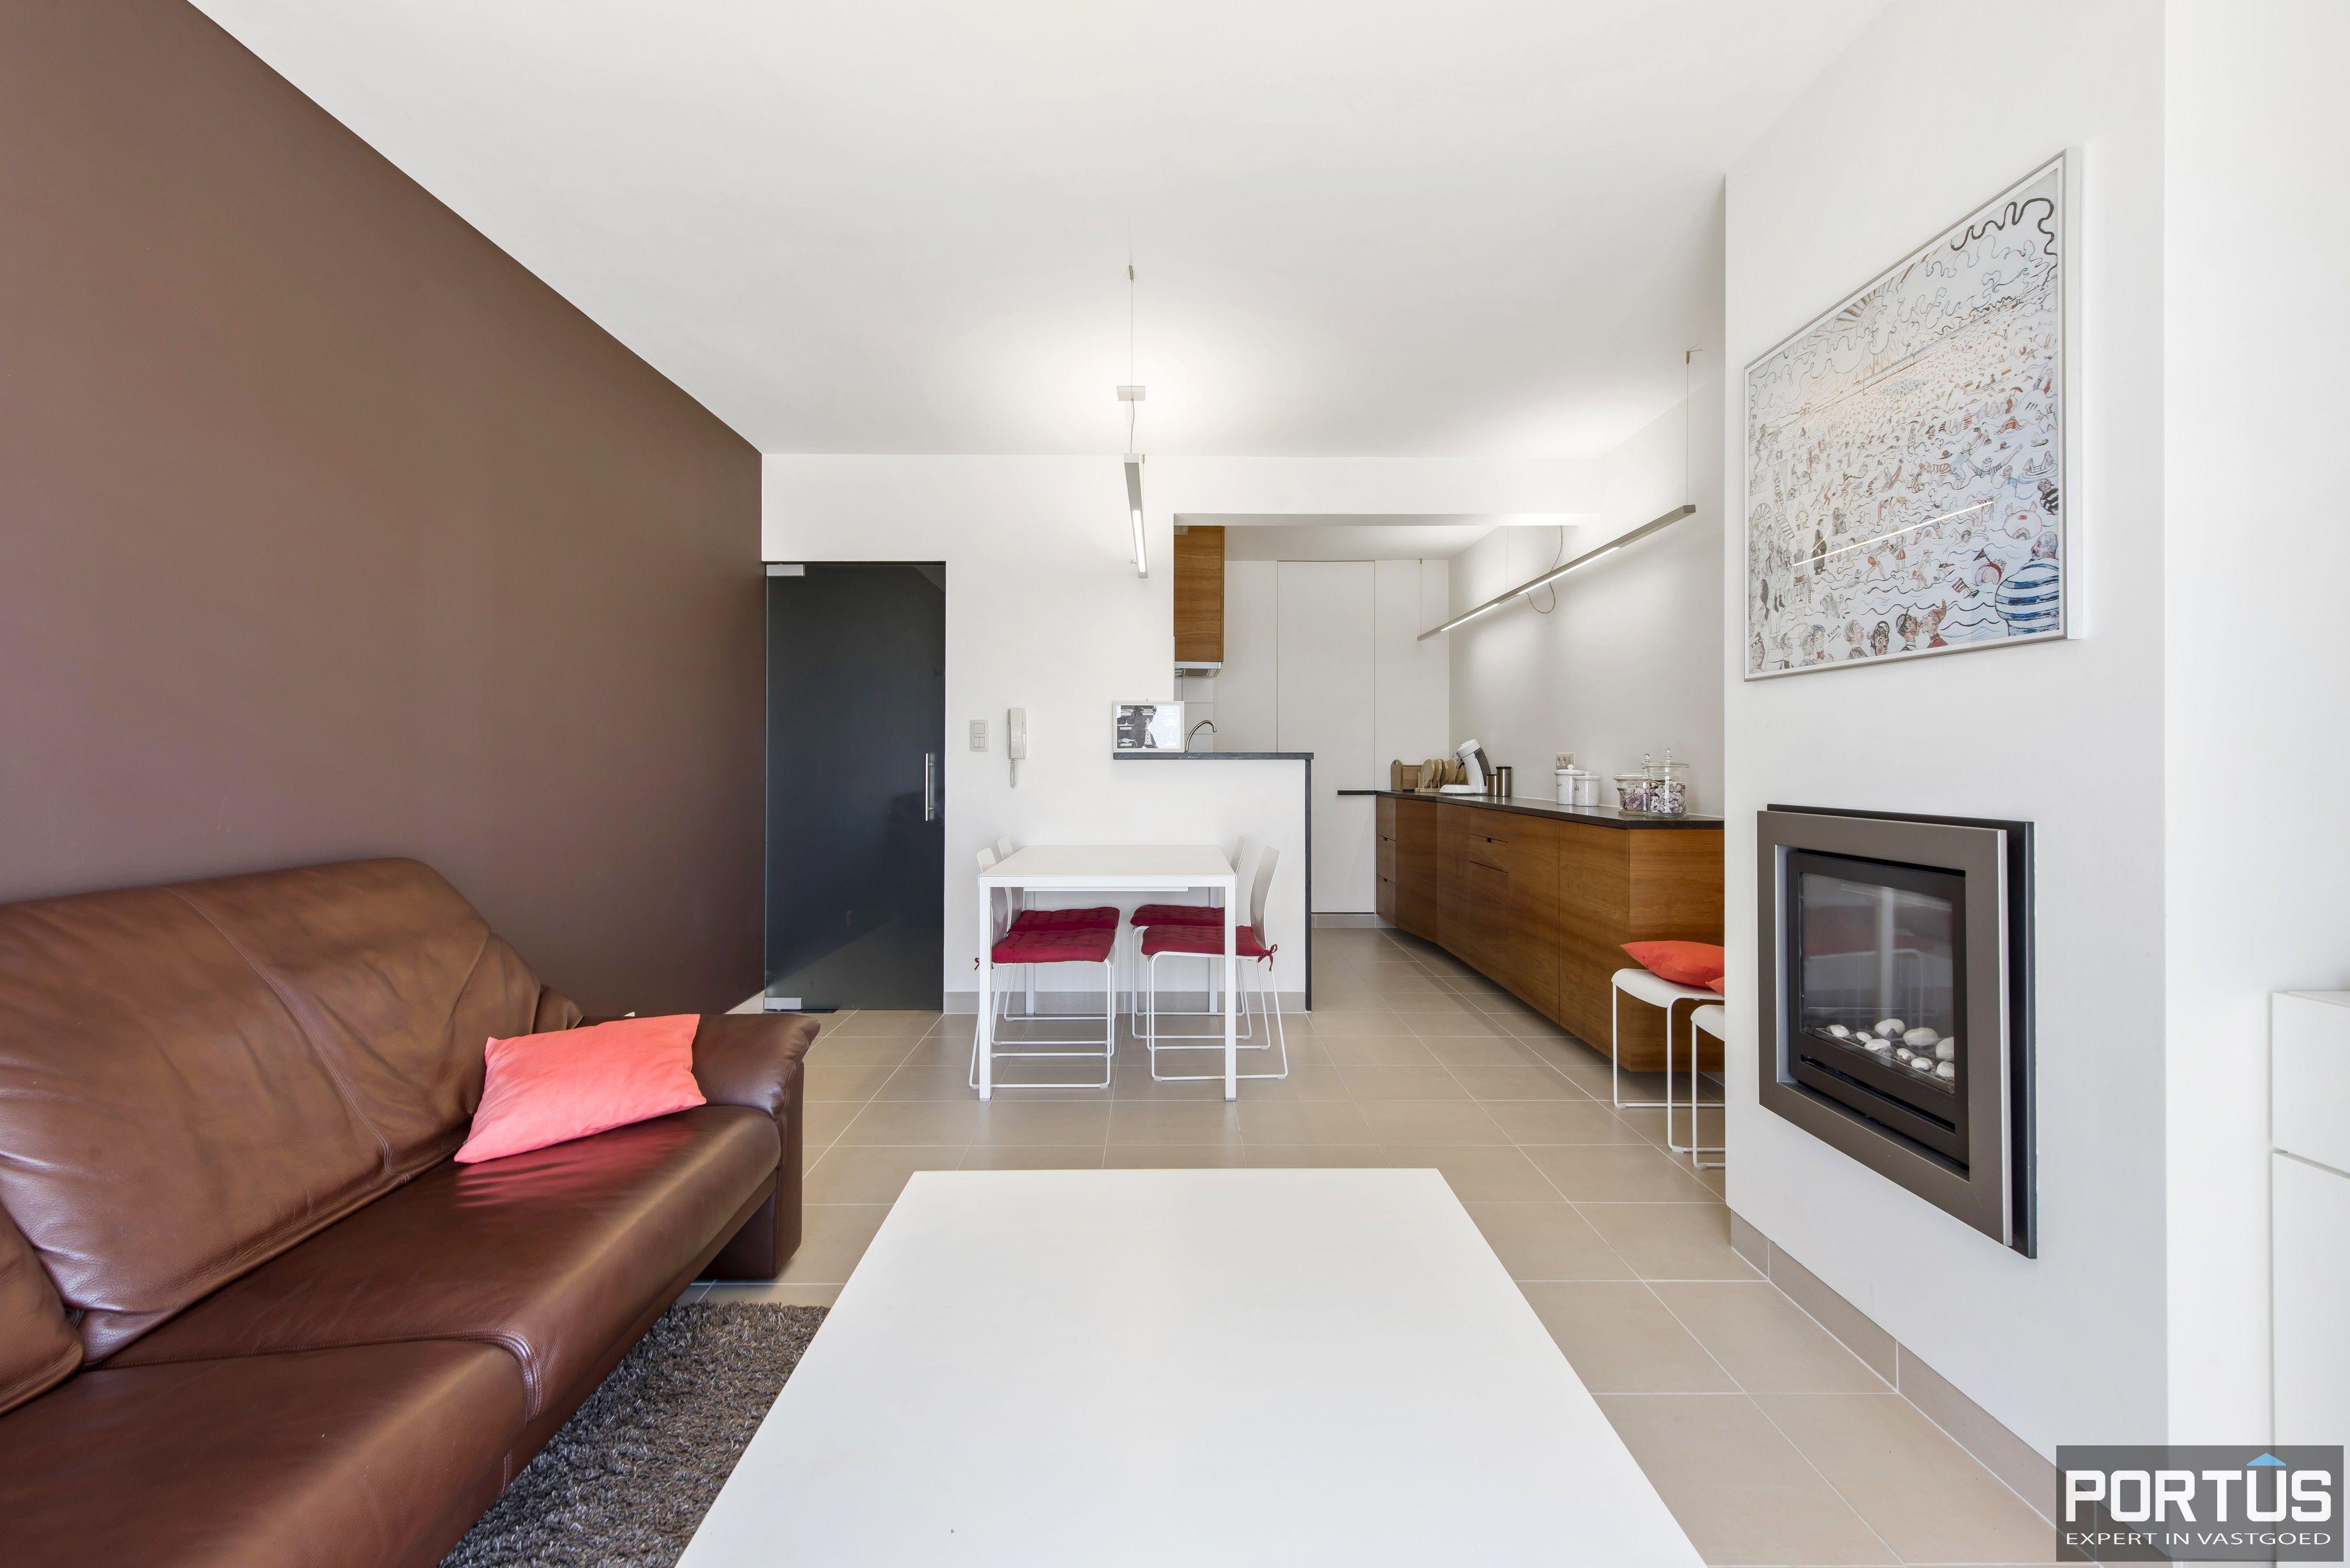 Appartement met 2 slaapkamers en frontaal zeezicht te koop Nieuwpoort - 9772